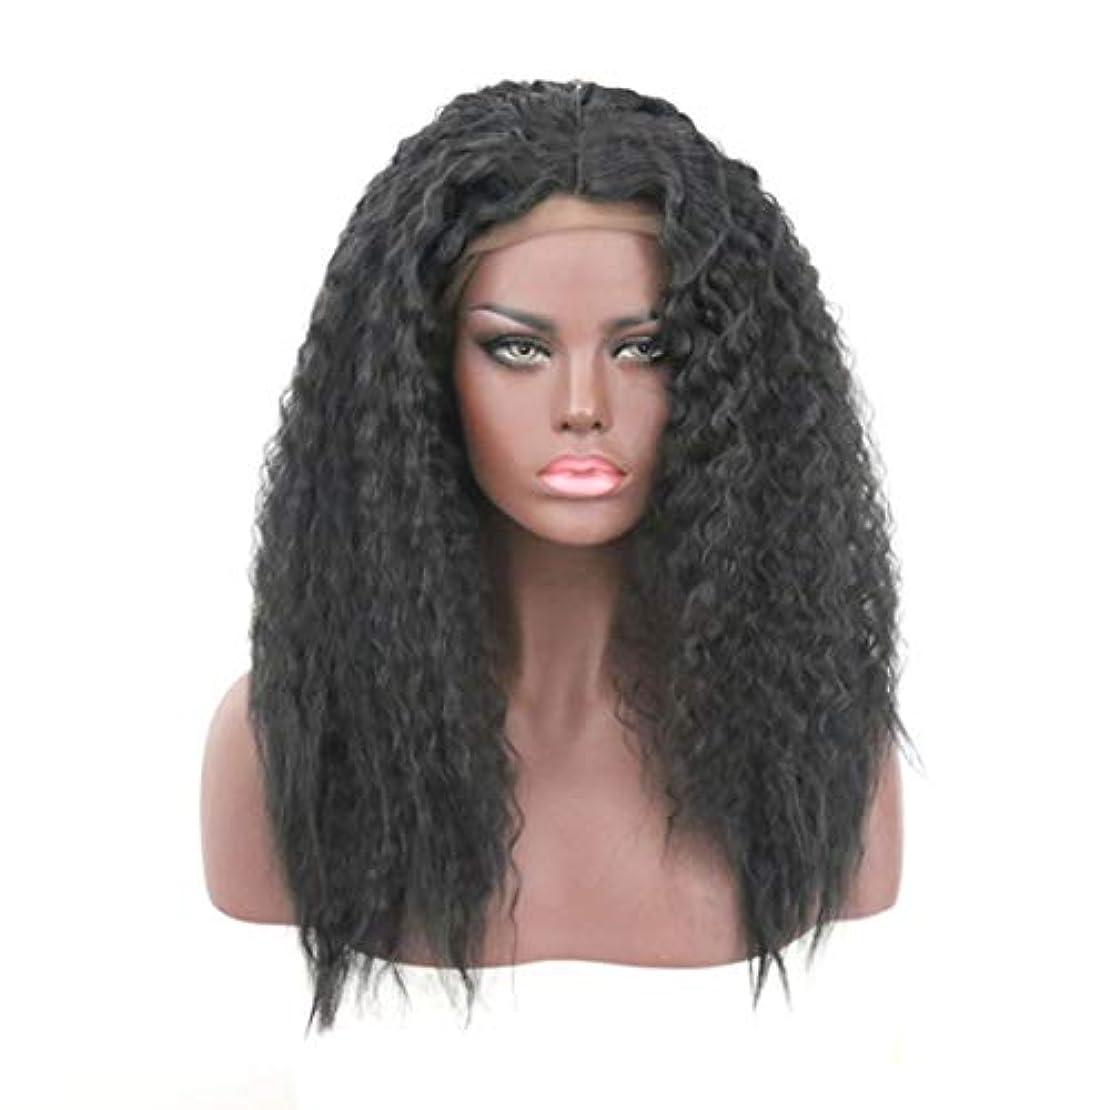 飽和する知人前投薬Summerys 女性のためのかつらフロントレーススモールロールブラックふわふわロング巻き毛